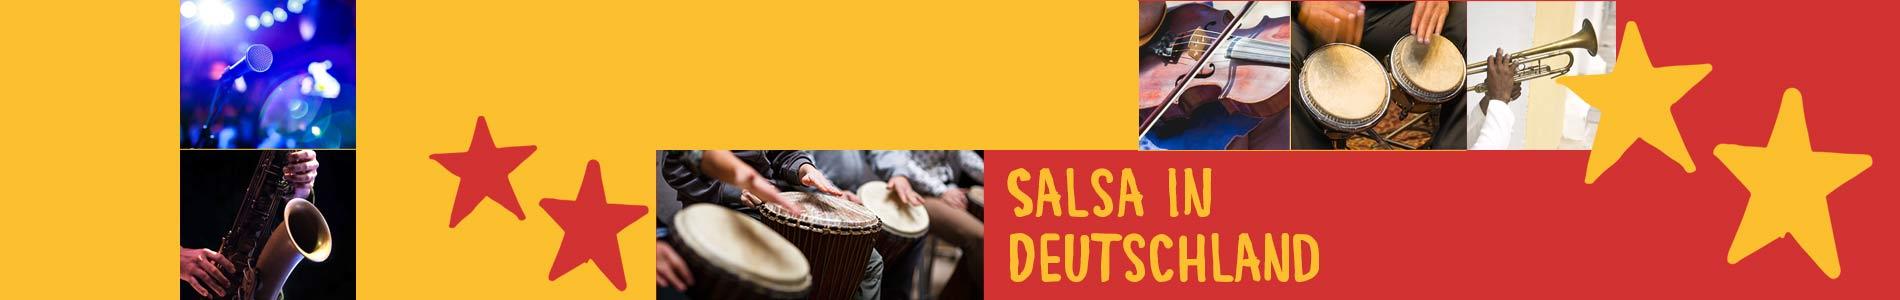 Salsa in Born – Salsa lernen und tanzen, Tanzkurse, Partys, Veranstaltungen